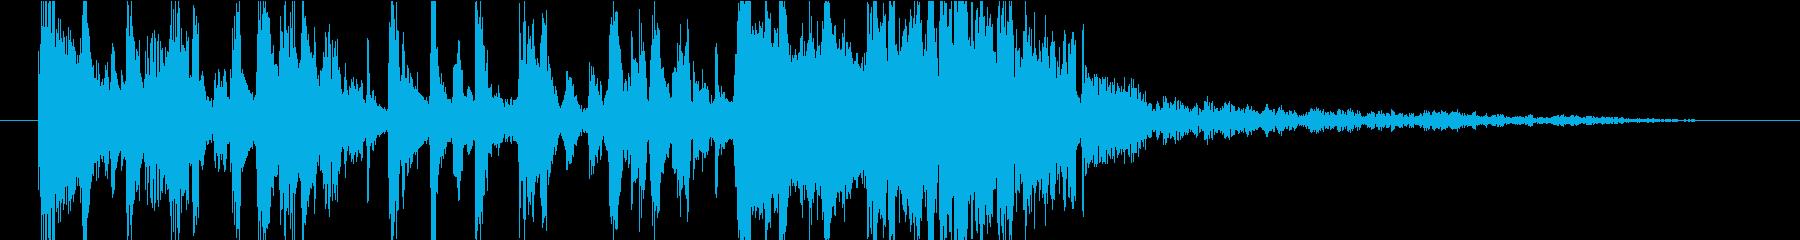 【ジングル】軽快でファンキーなテクノの再生済みの波形